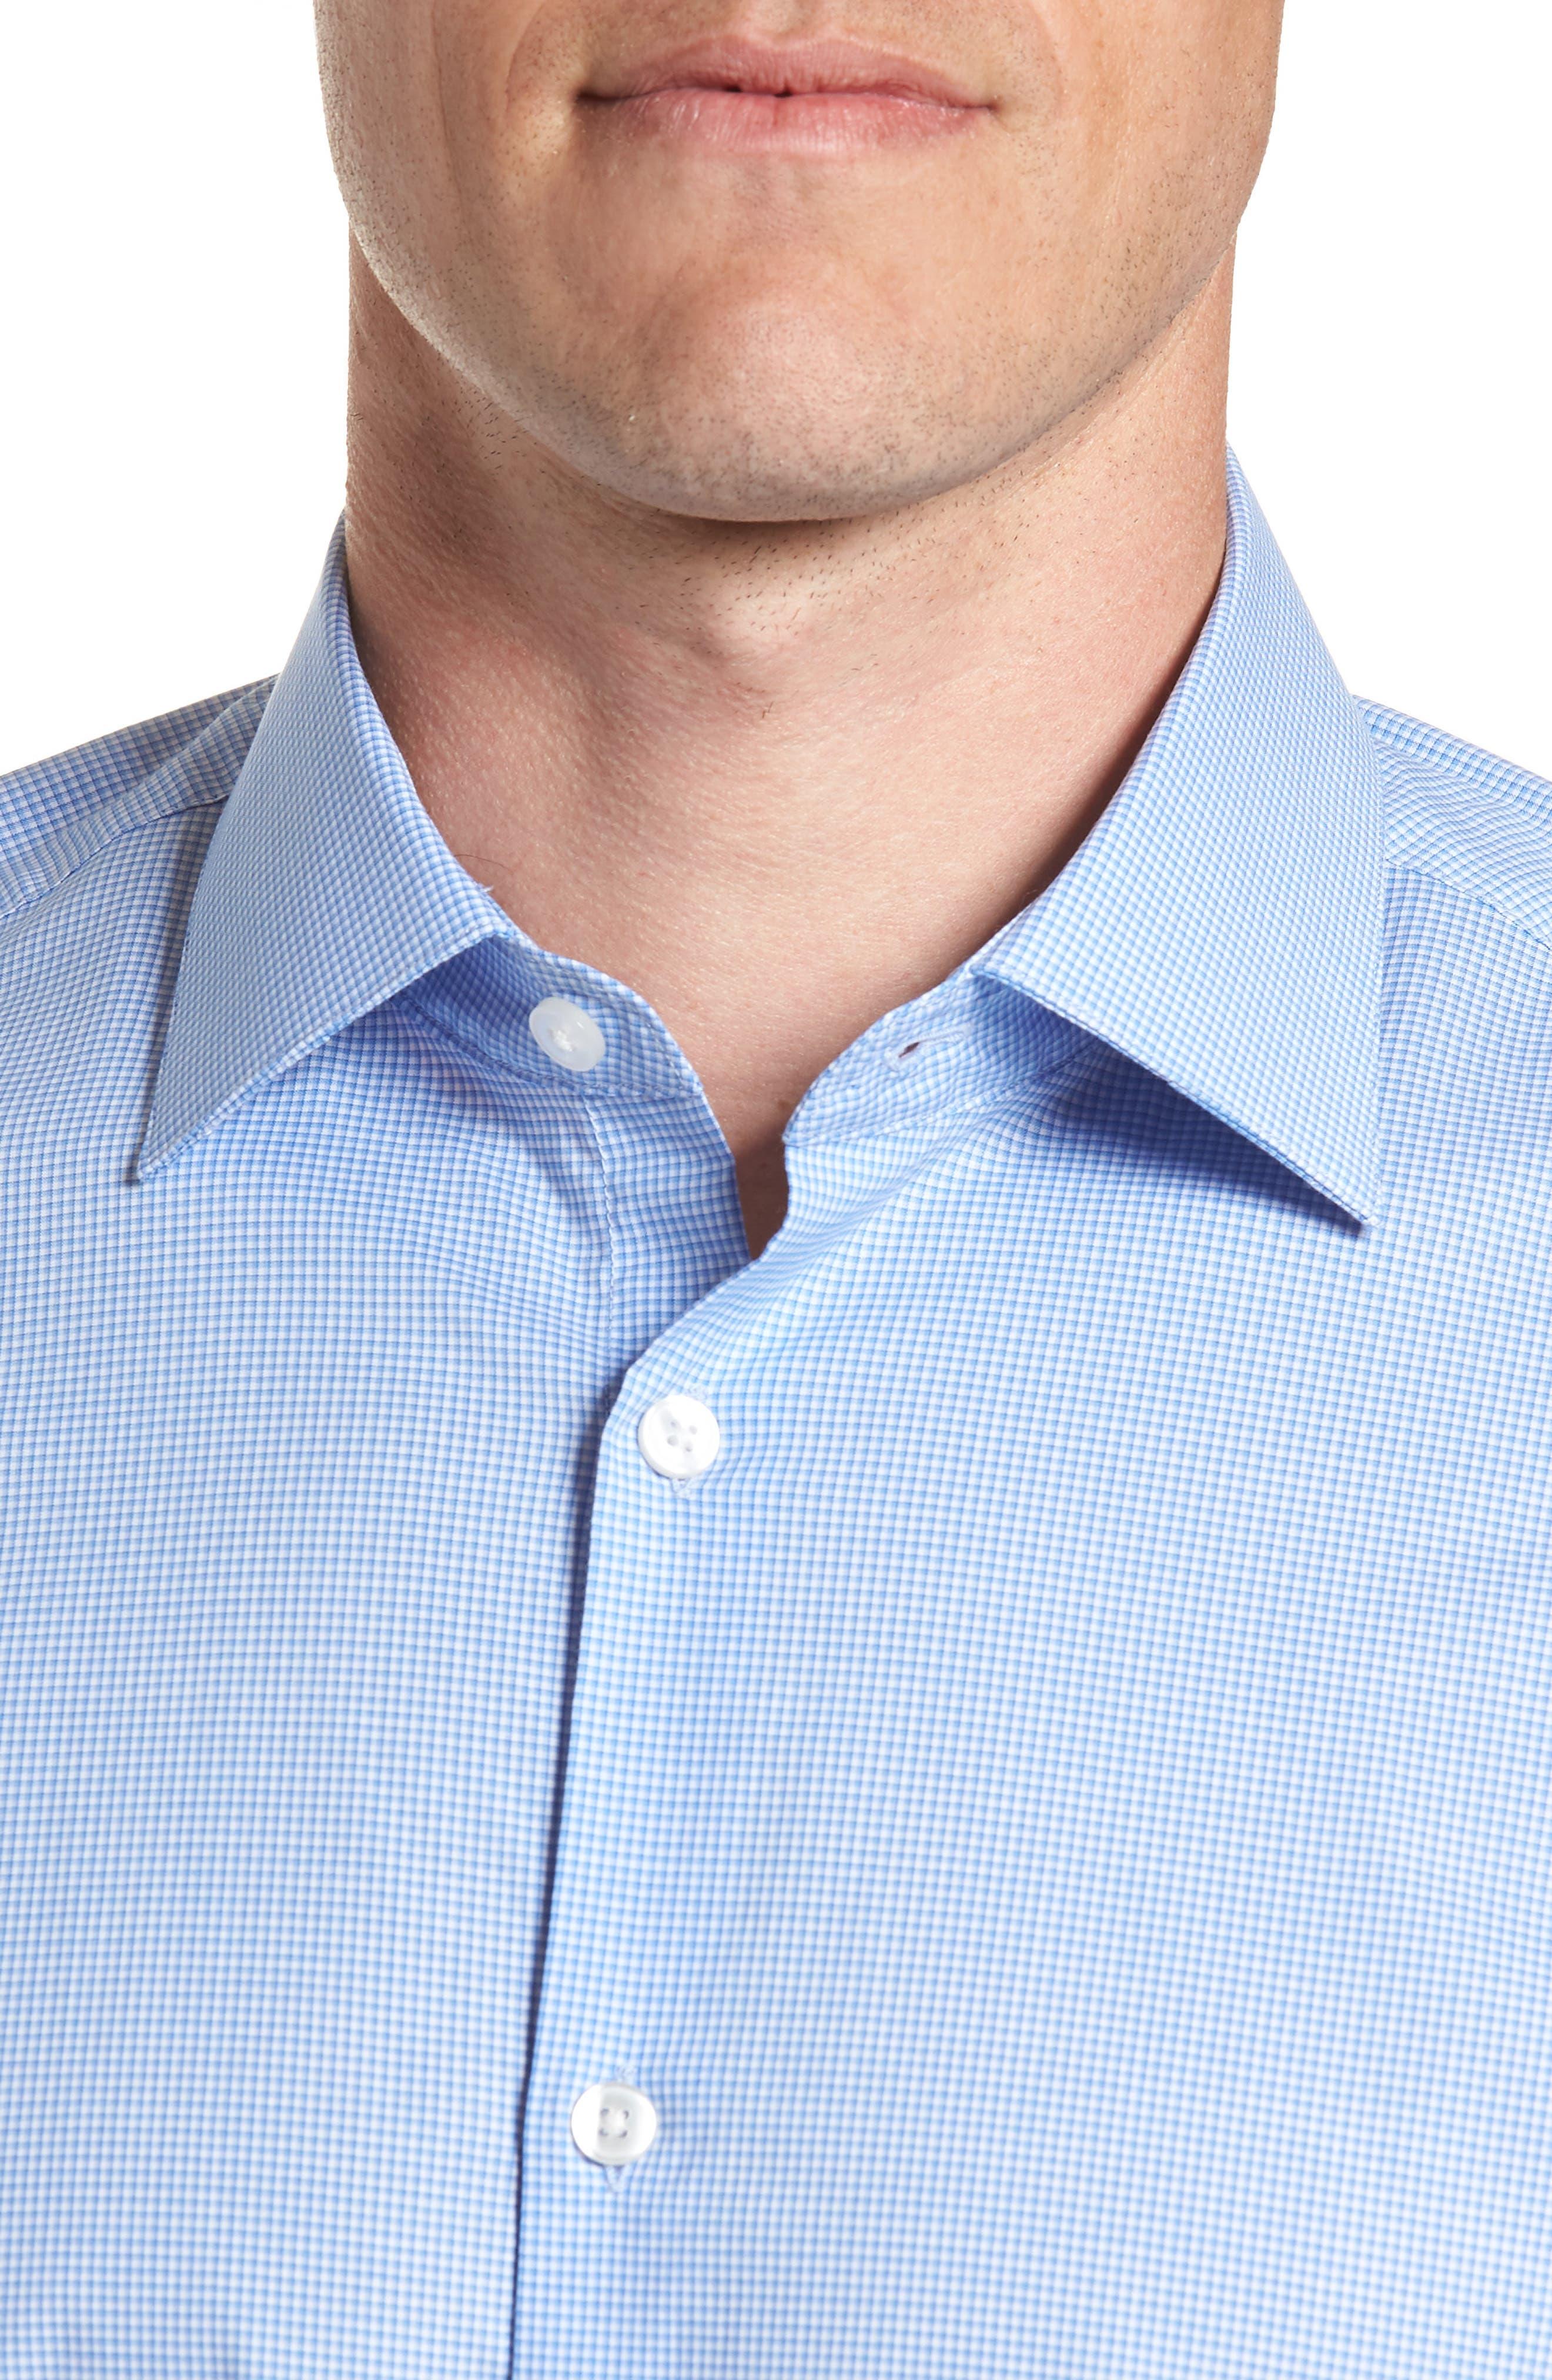 Microcheck Regular Fit Dress Shirt,                             Alternate thumbnail 2, color,                             OCEAN BLUE